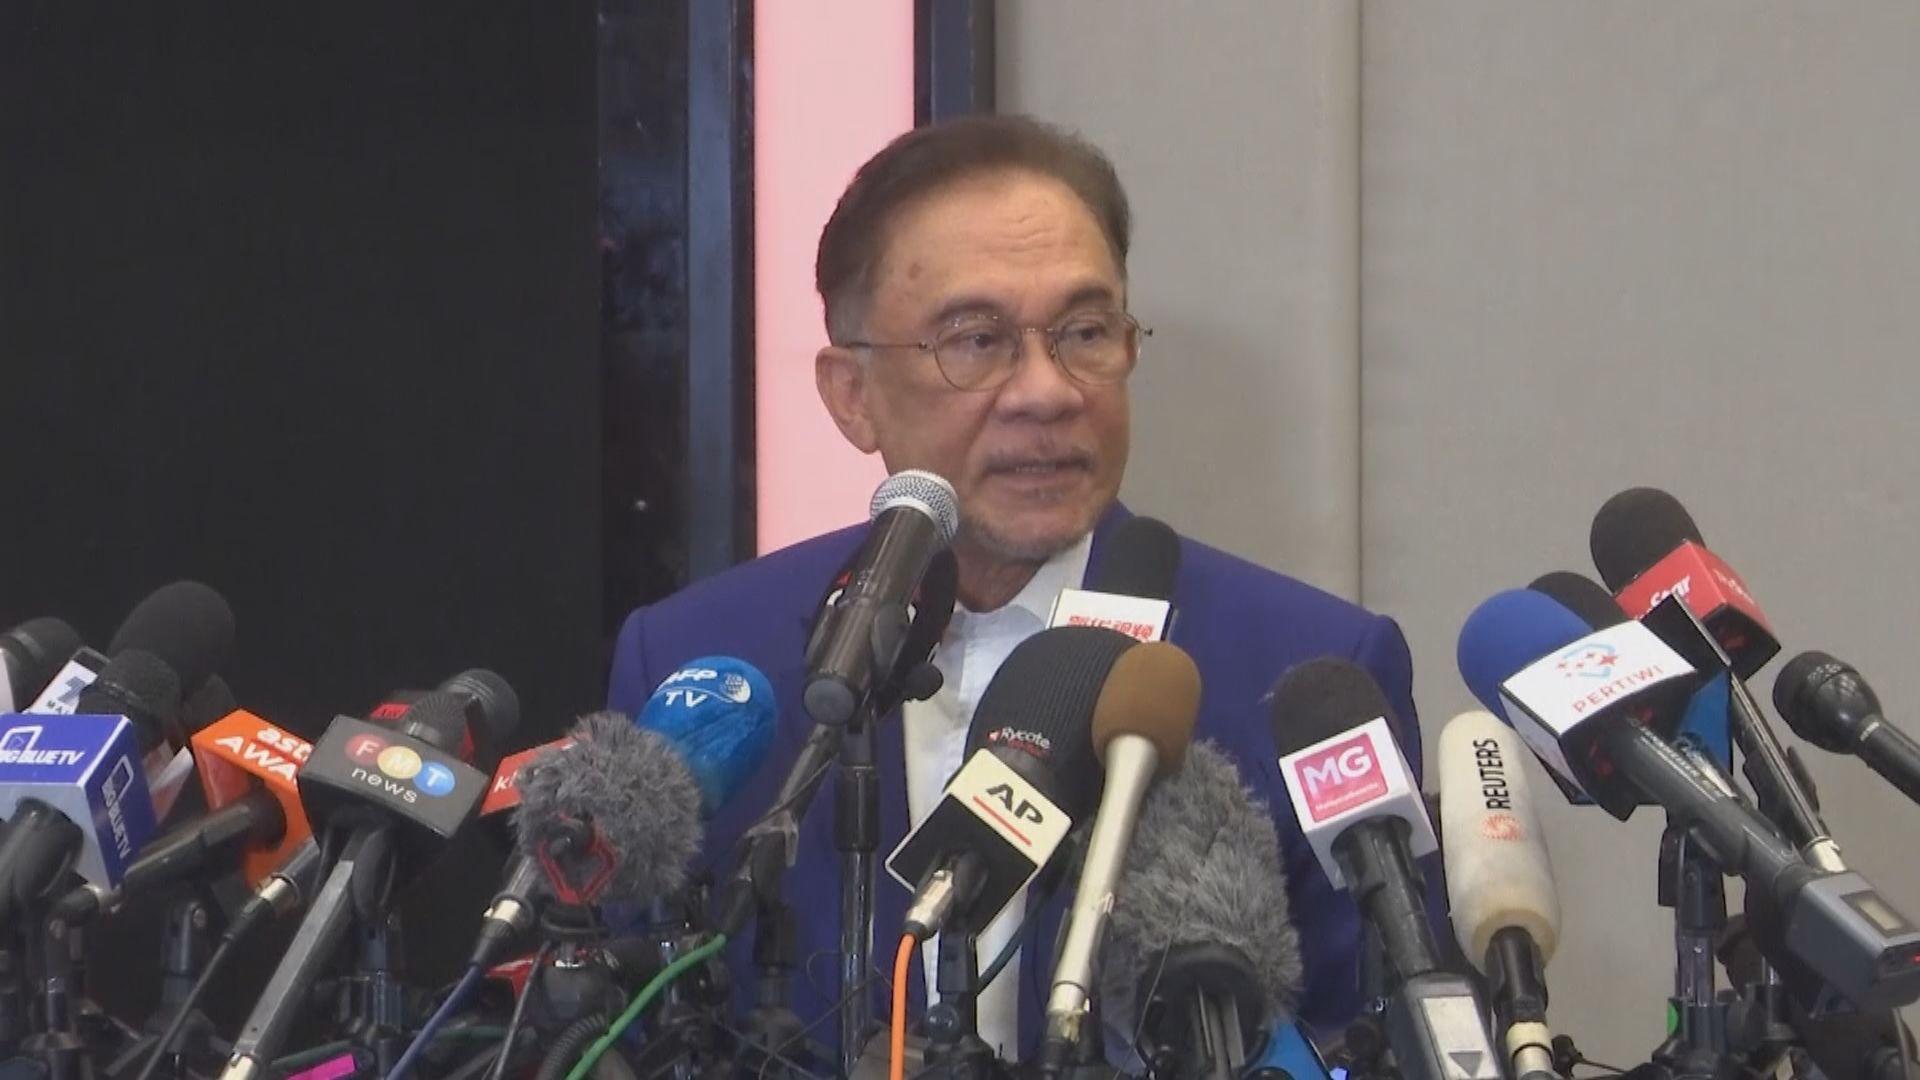 大馬反對派領袖安華周五就支持名單疑外洩事件接受問話